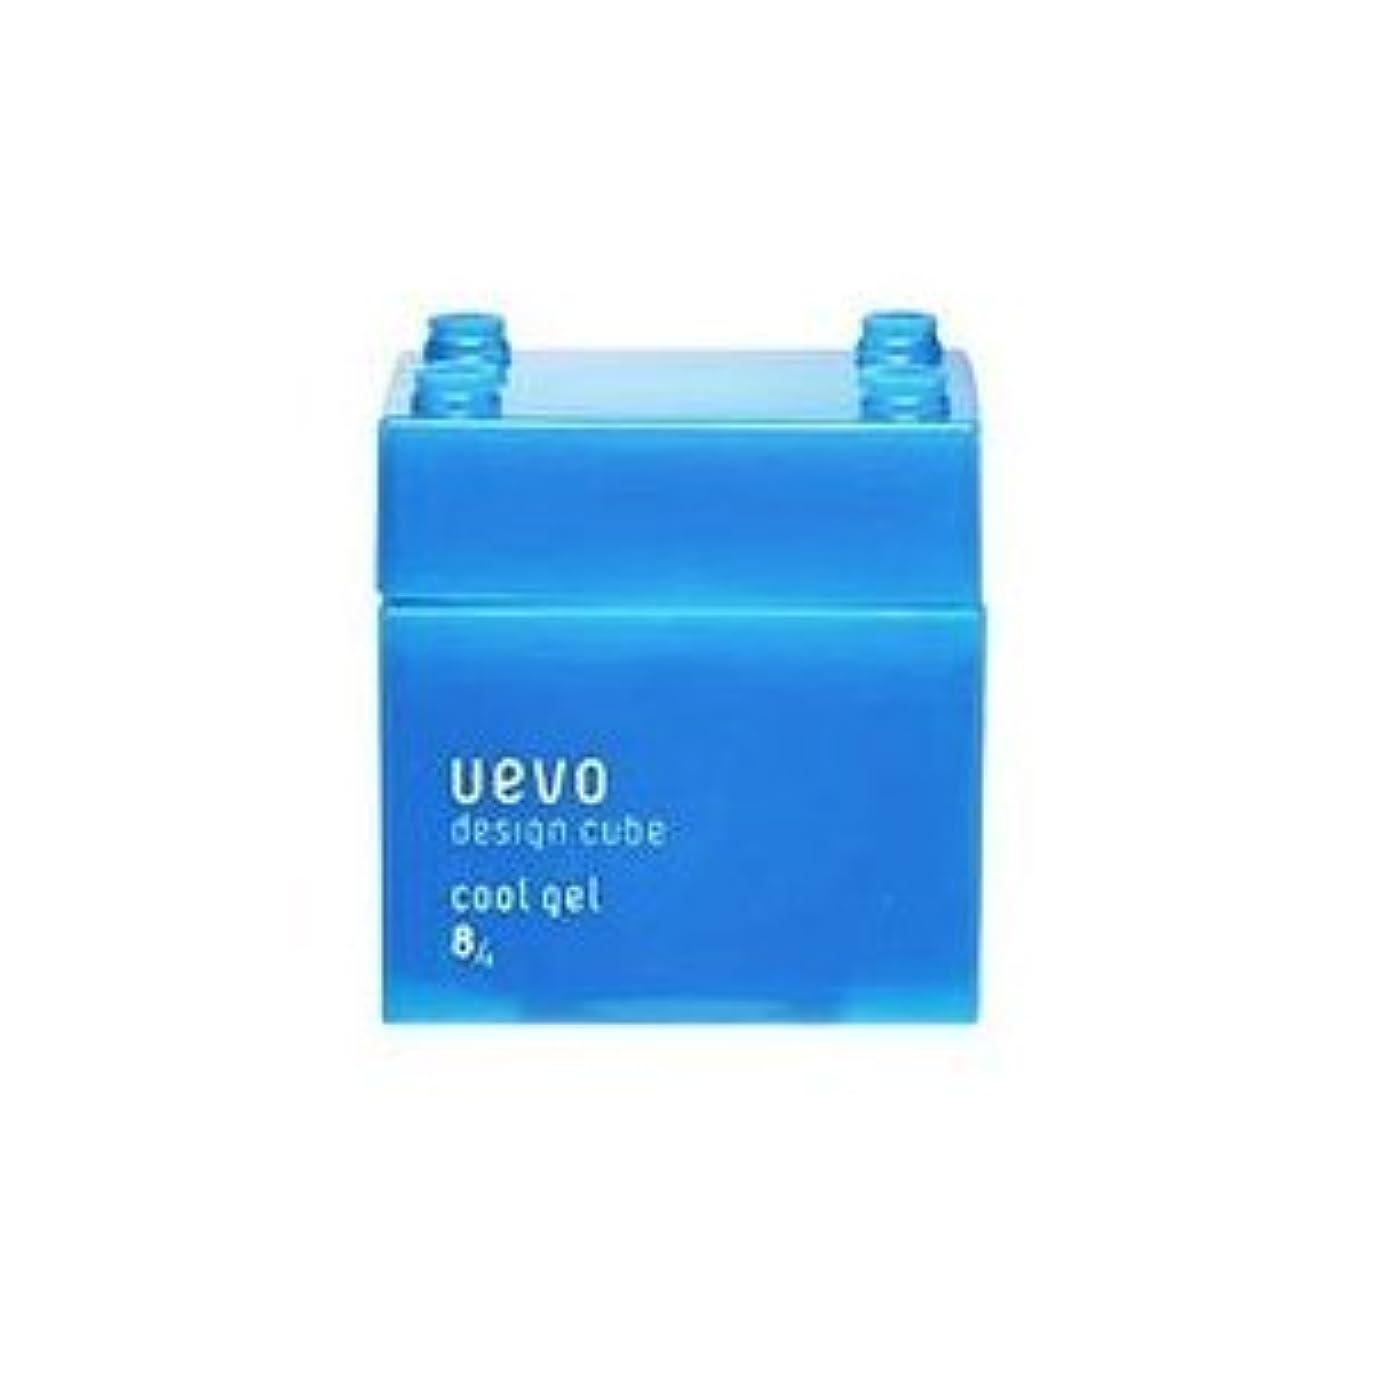 イースター流す過度の【X3個セット】 デミ ウェーボ デザインキューブ クールジェル 80g cool gel DEMI uevo design cube